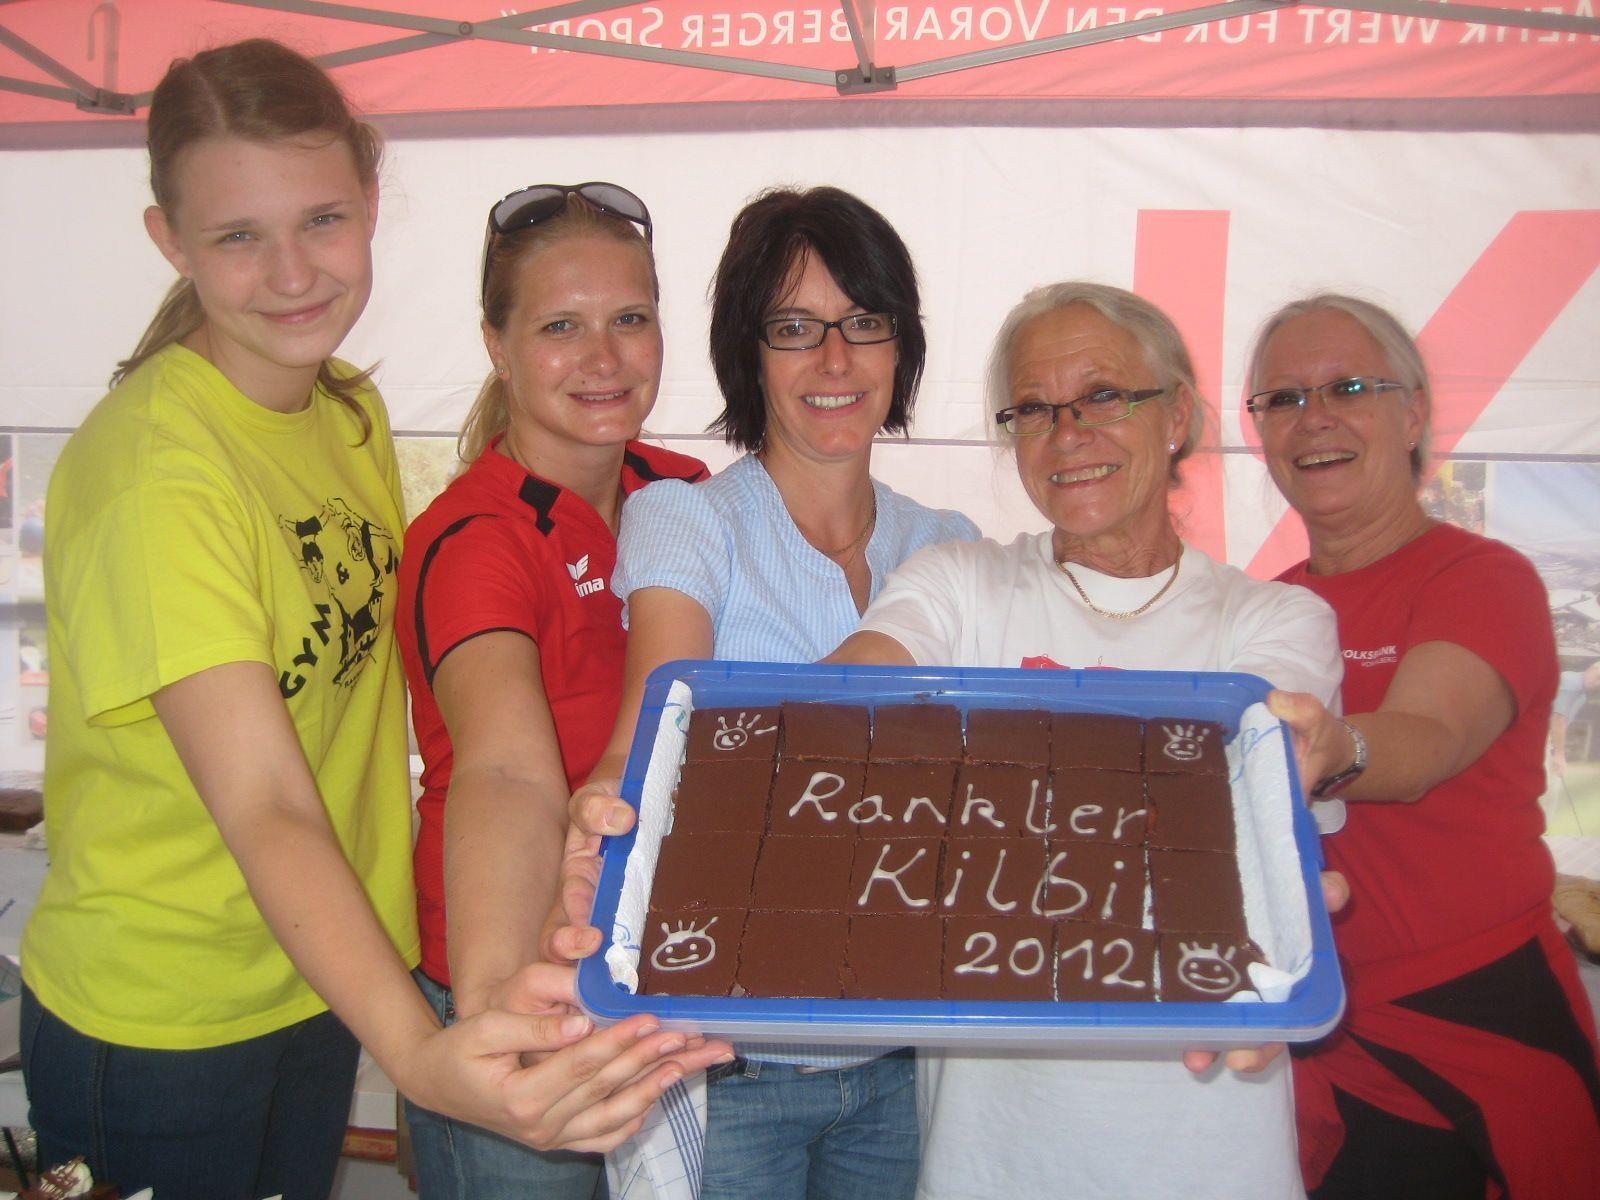 Nadine, Tanja, Ingeborg, Astrid und Sigrid von der Turnerschaft Rankweil verwöhnten die Besucher kulinarisch.